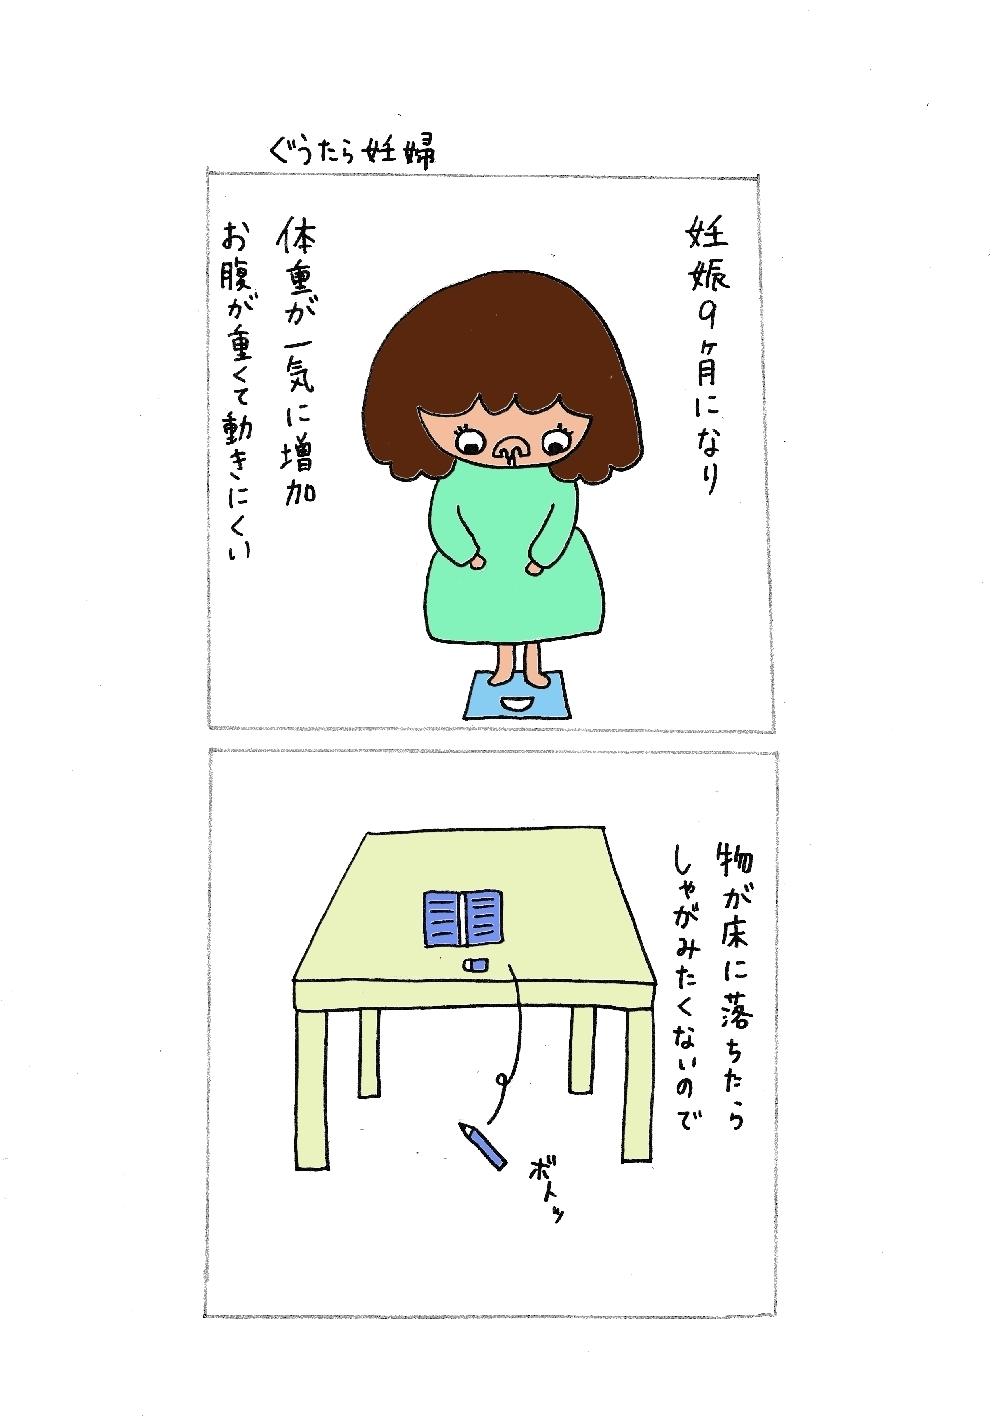 ぐうたら妊婦①.jpg